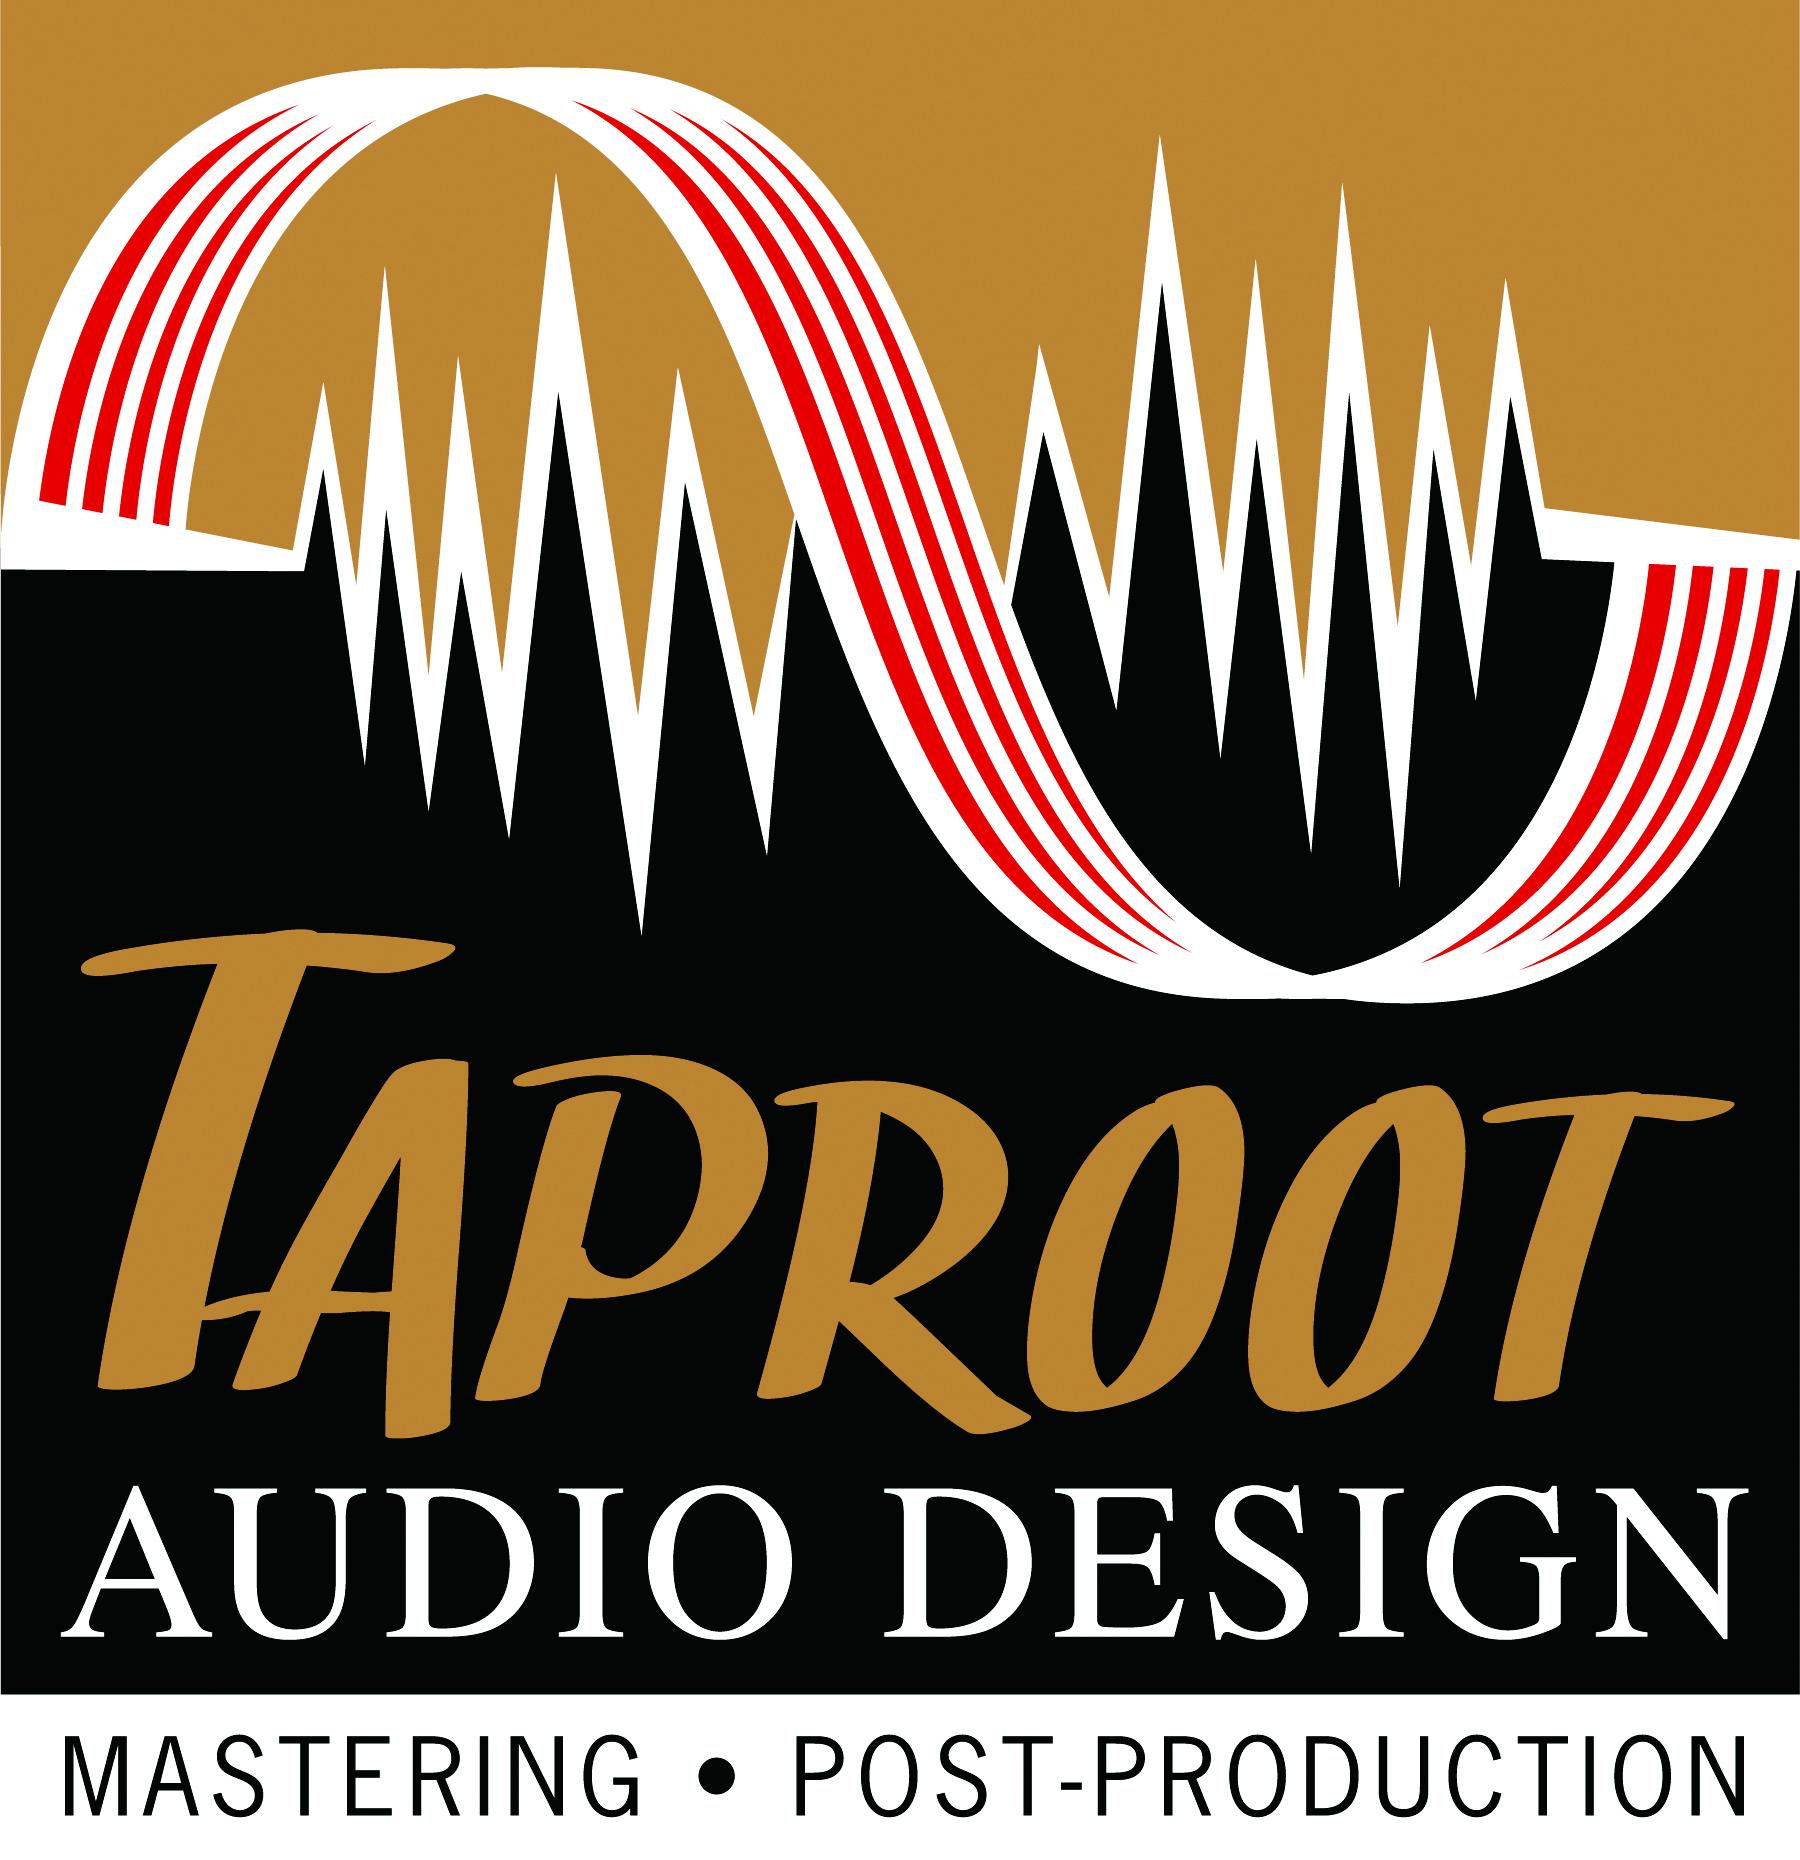 Taproot design.jpg